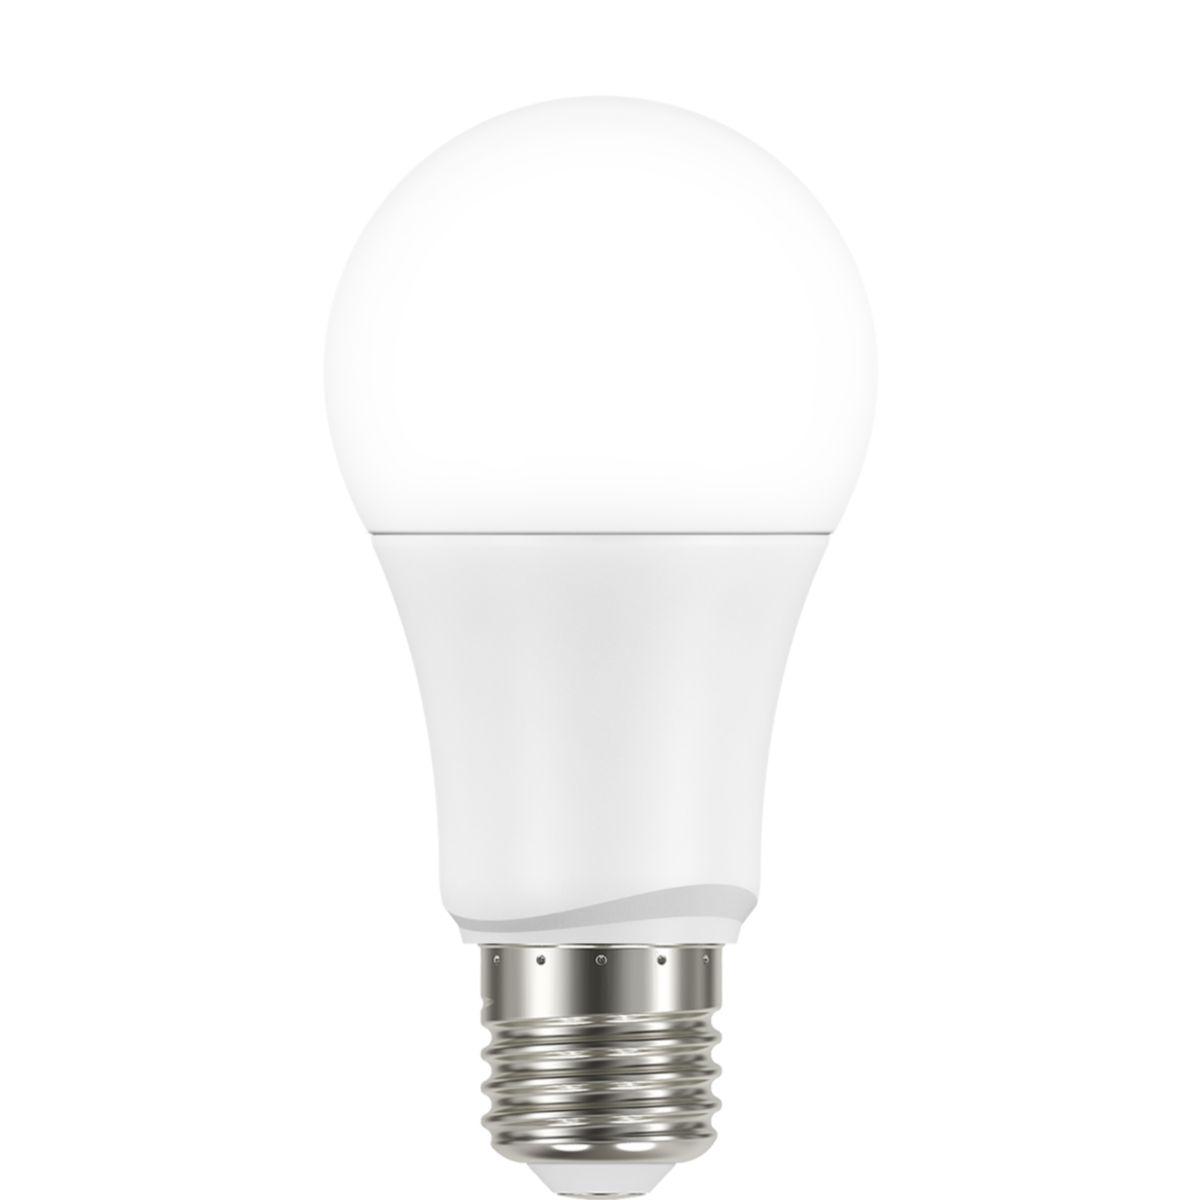 Ampoule connectable ESSENTIELB Blanc E27